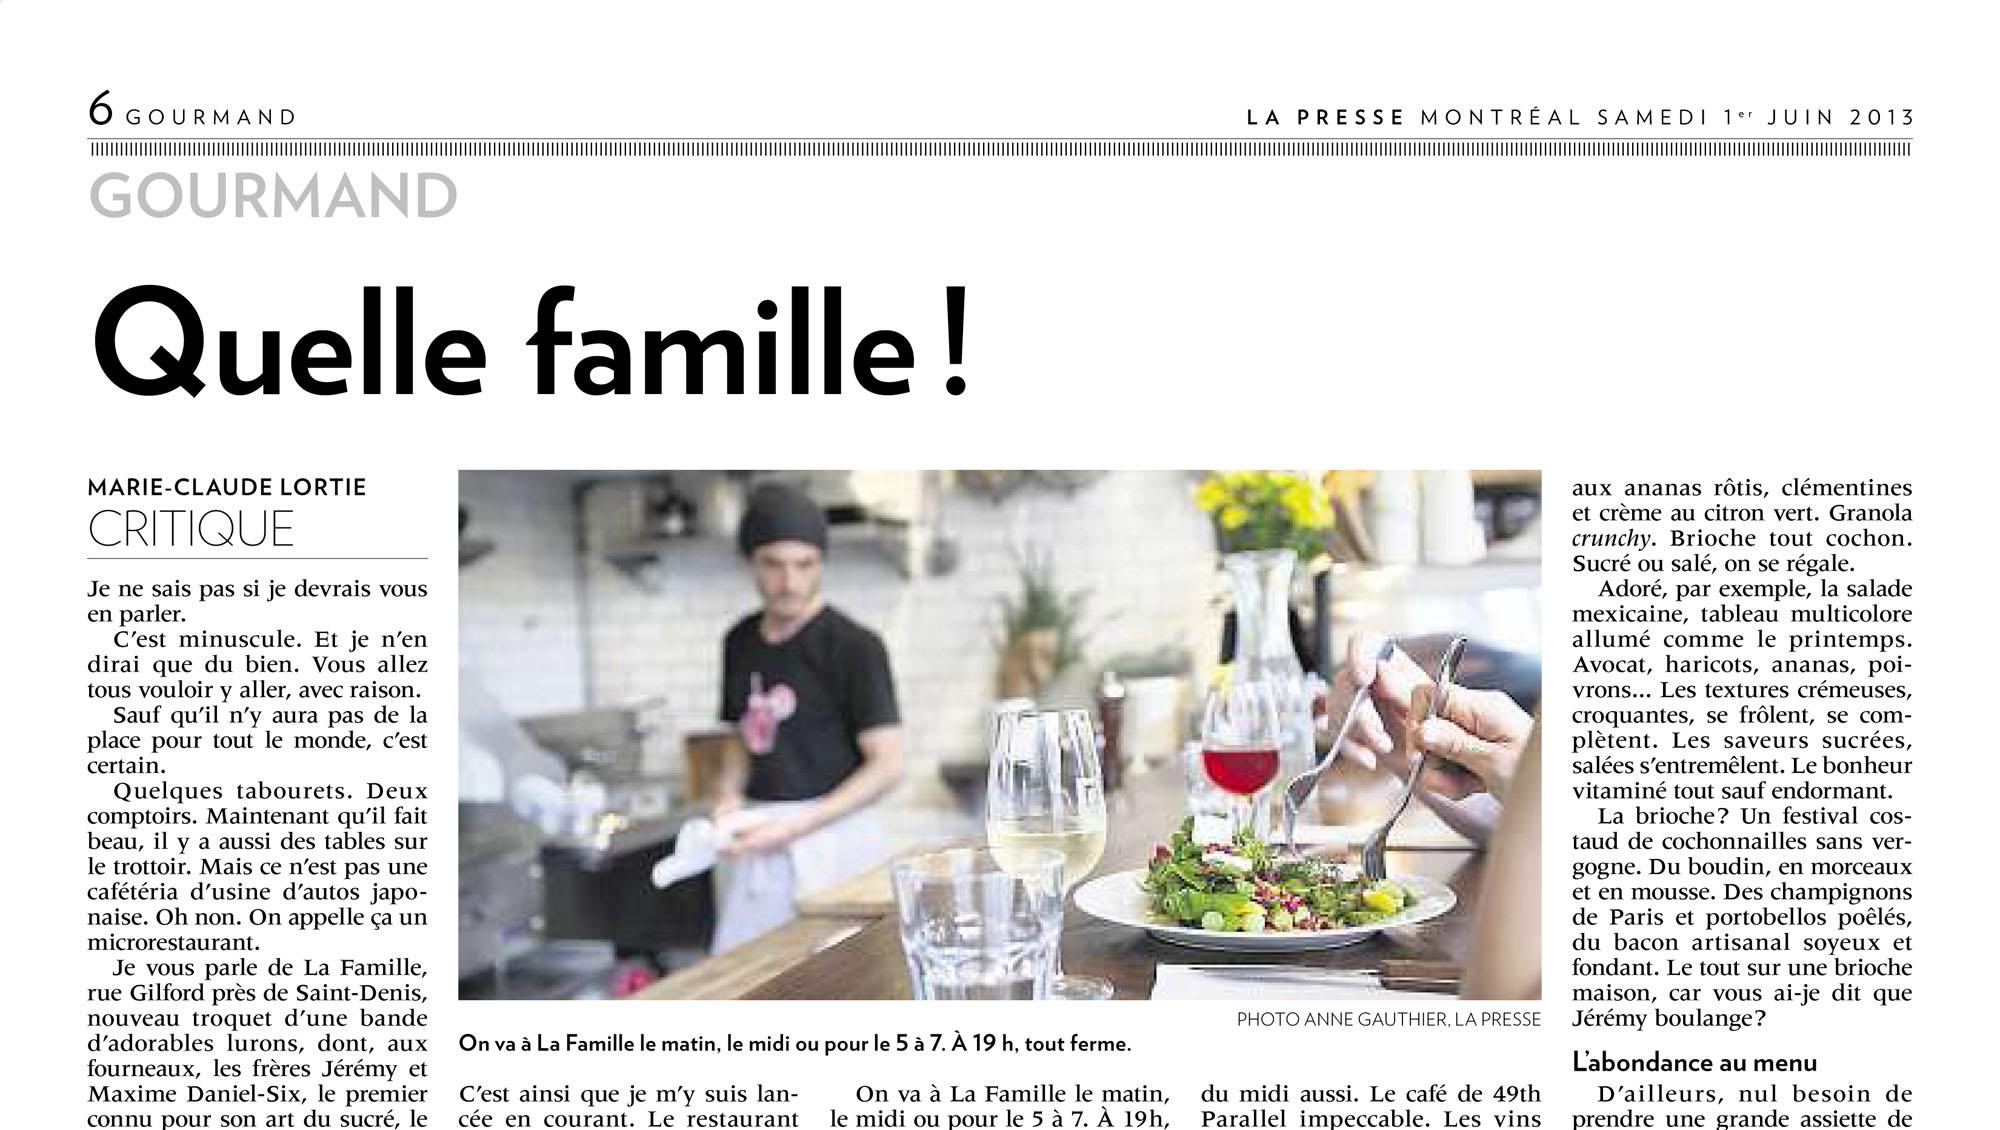 La Presse Resto La Famille : Photo Anne Gauthier